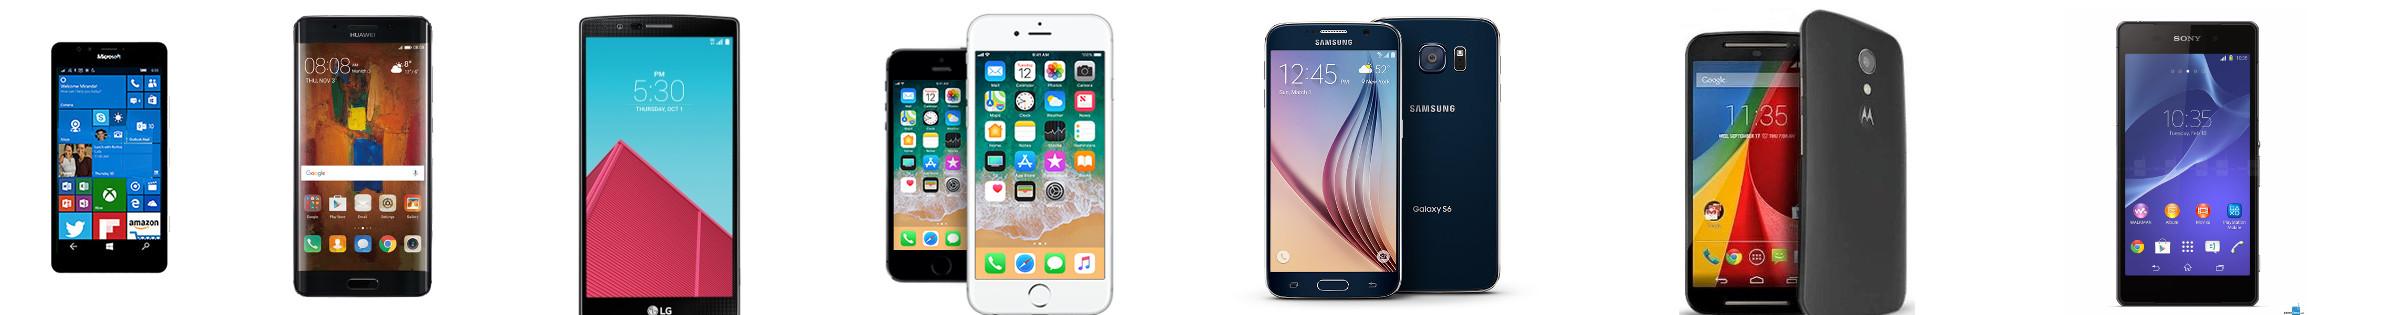 Smartphone repairs in Penrith